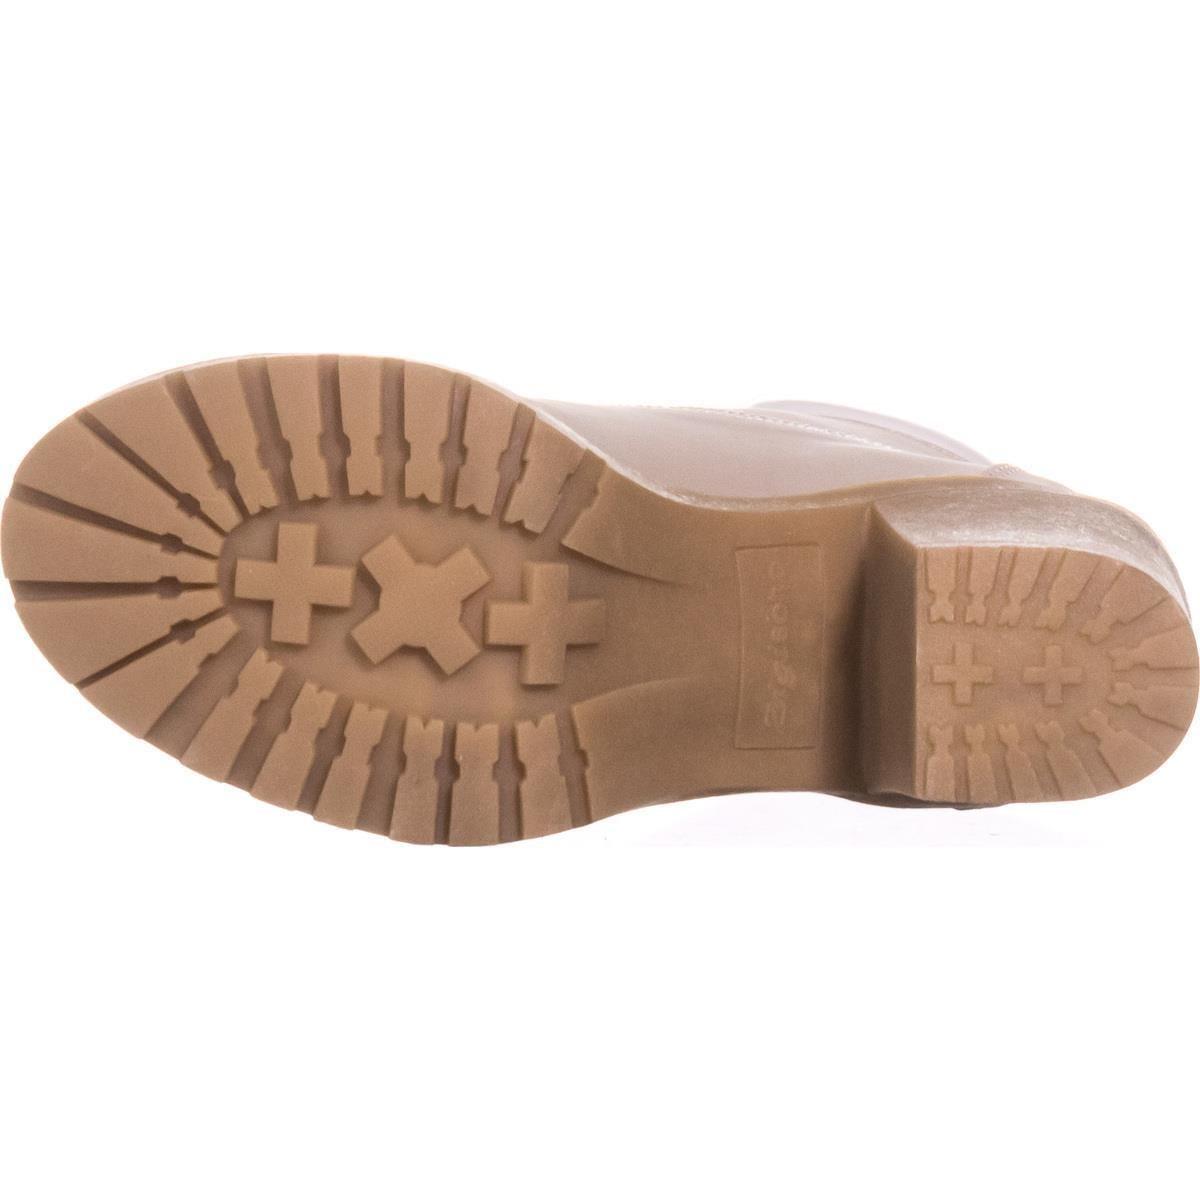 ZIGIny Kiana Womens Boots